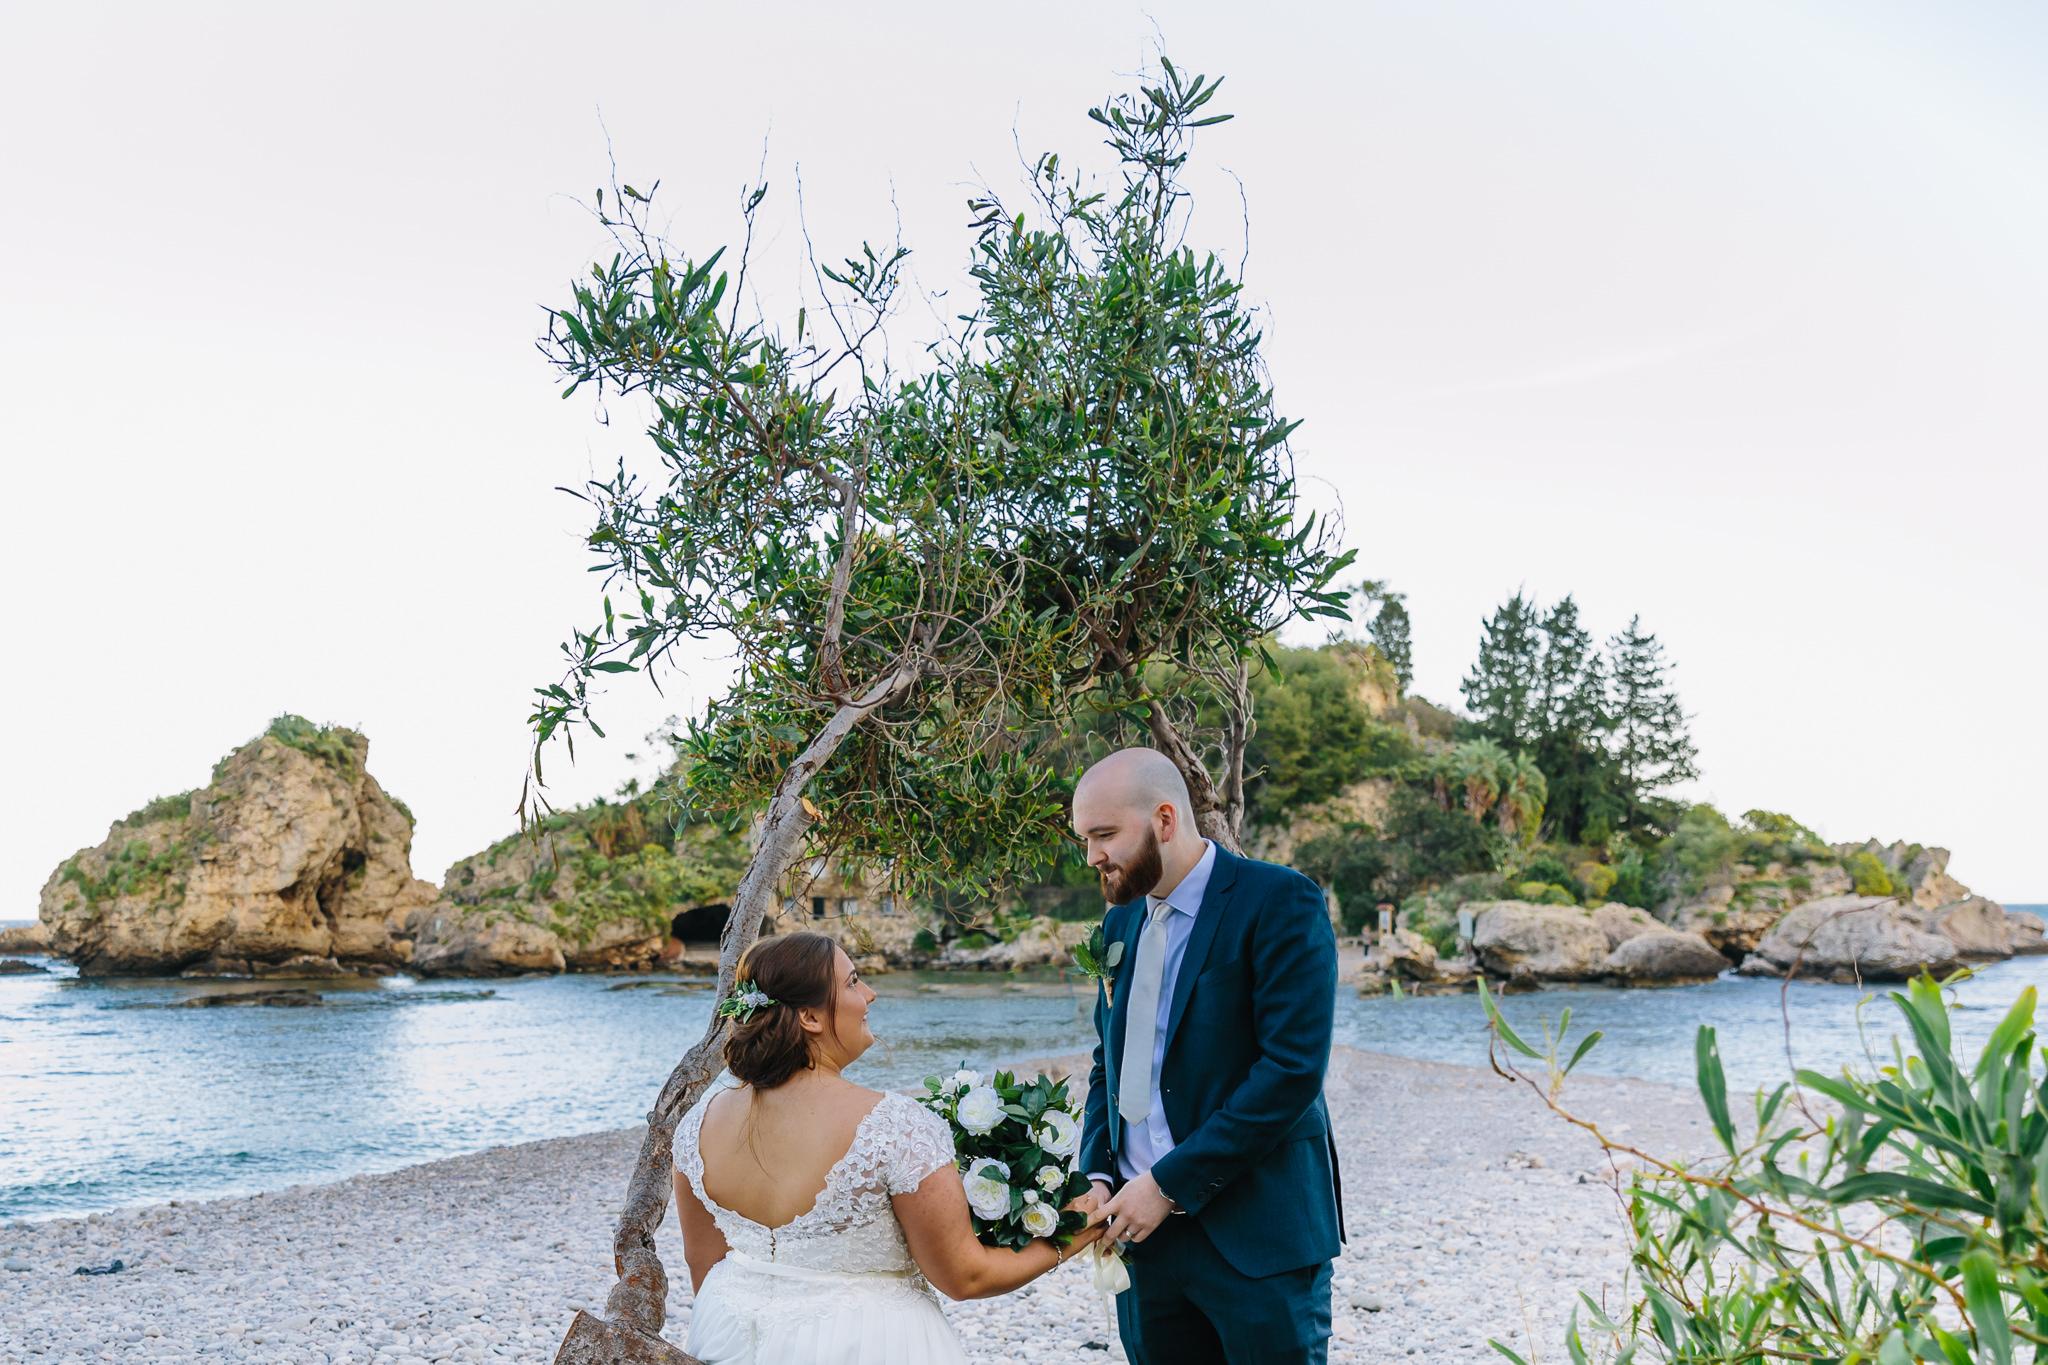 055-2019-04-27-Wedding-Michelle-e-Callum-5DE-743